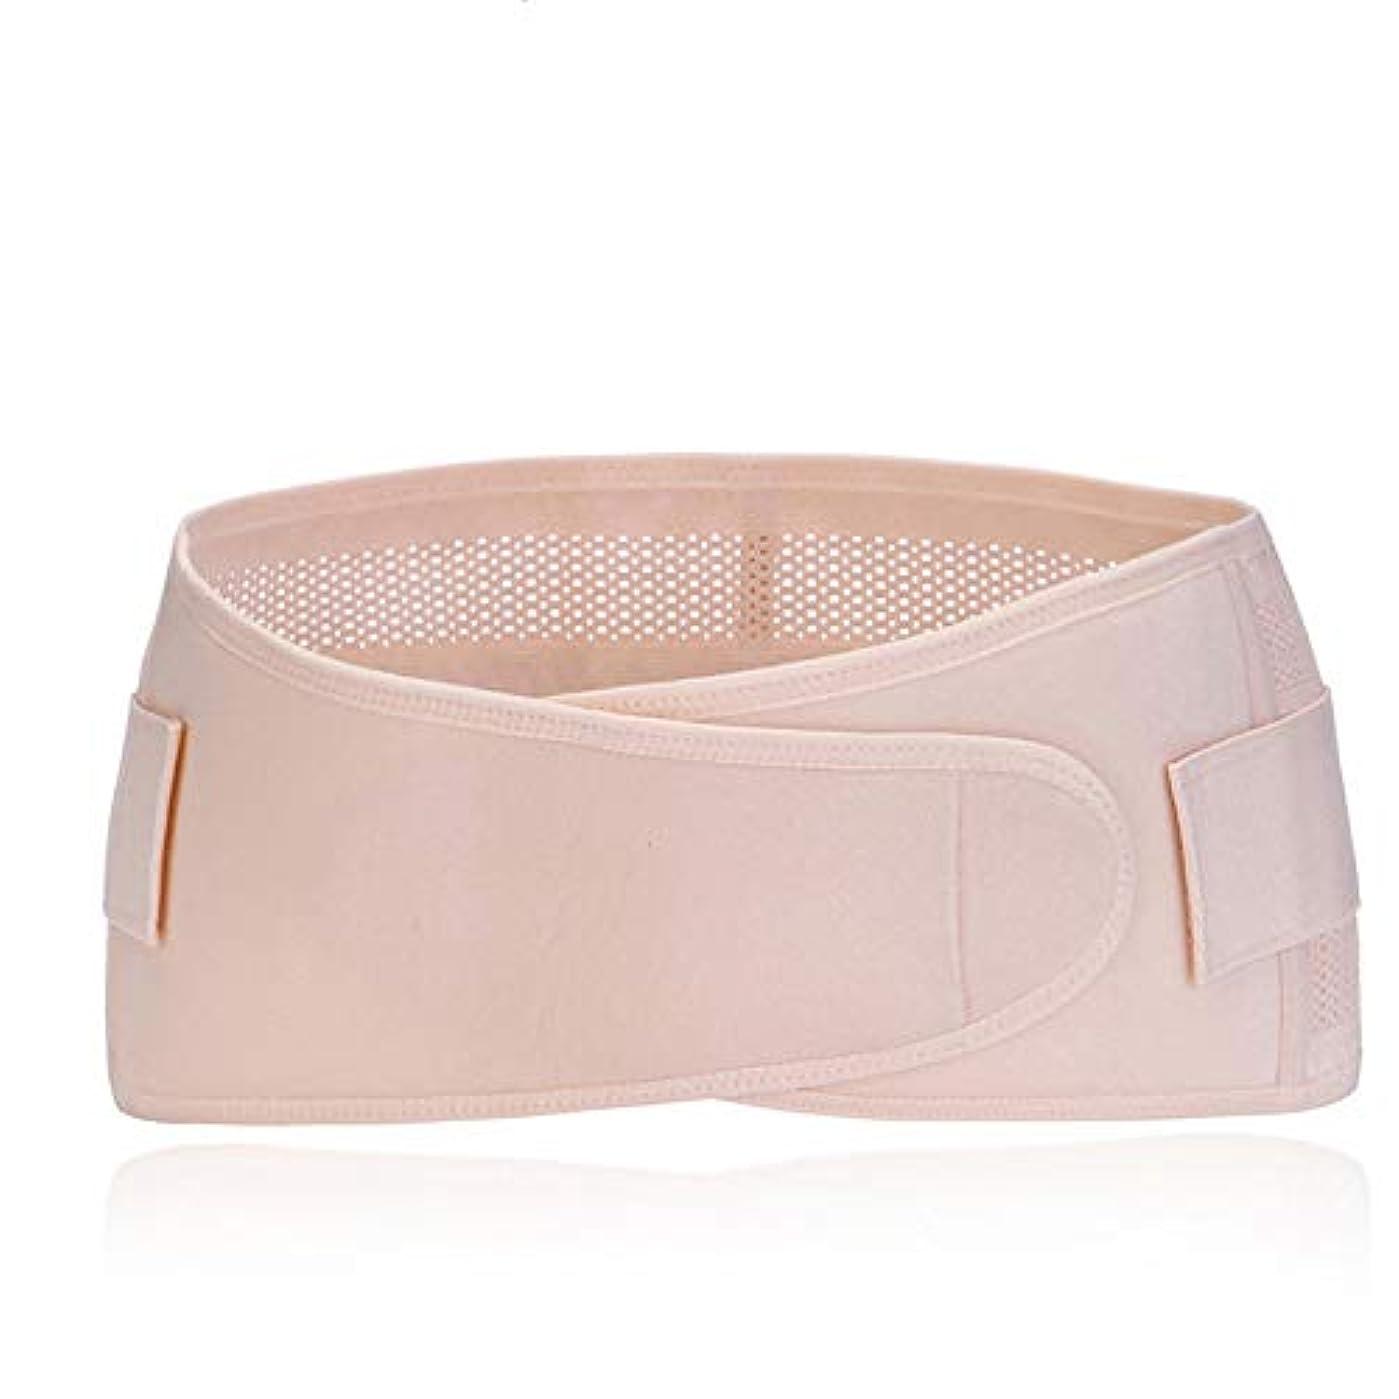 長方形まさにマエストロOnior 腰痛ベルト 腰用 サポーター 骨盤補正ベルト コルセット お腹引き締めサポート ポリエステル繊維 素材 超軽量 腰痛 冷え性 姿勢矯正